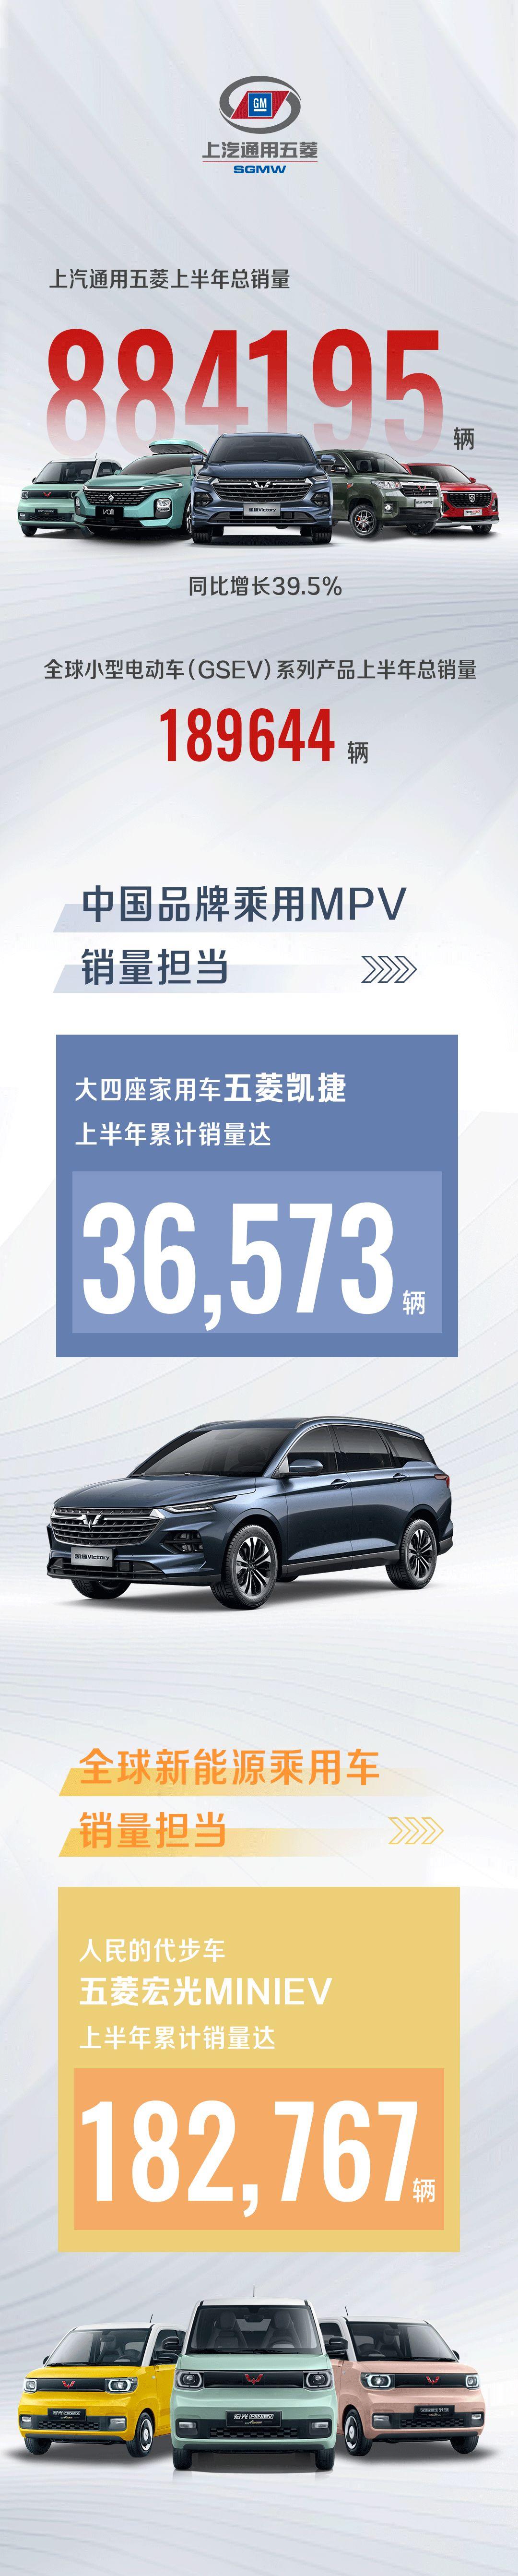 上汽通用五菱交出年中答卷,全系产品销售88.4万辆